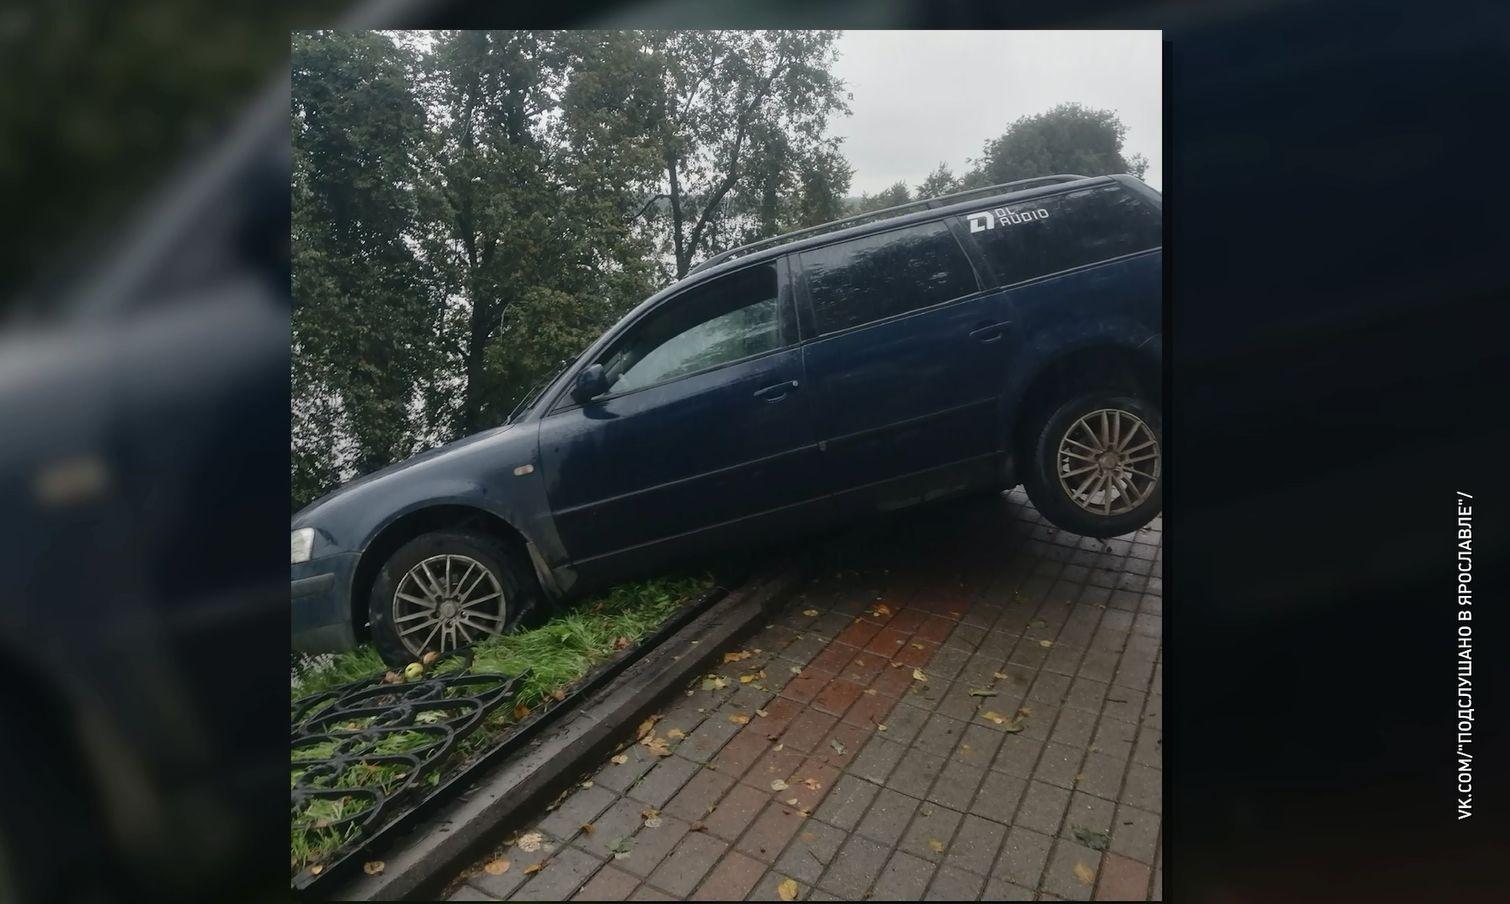 Иномарка снесла чугунный забор на Волжской набережной и чуть не съехала в Волгу